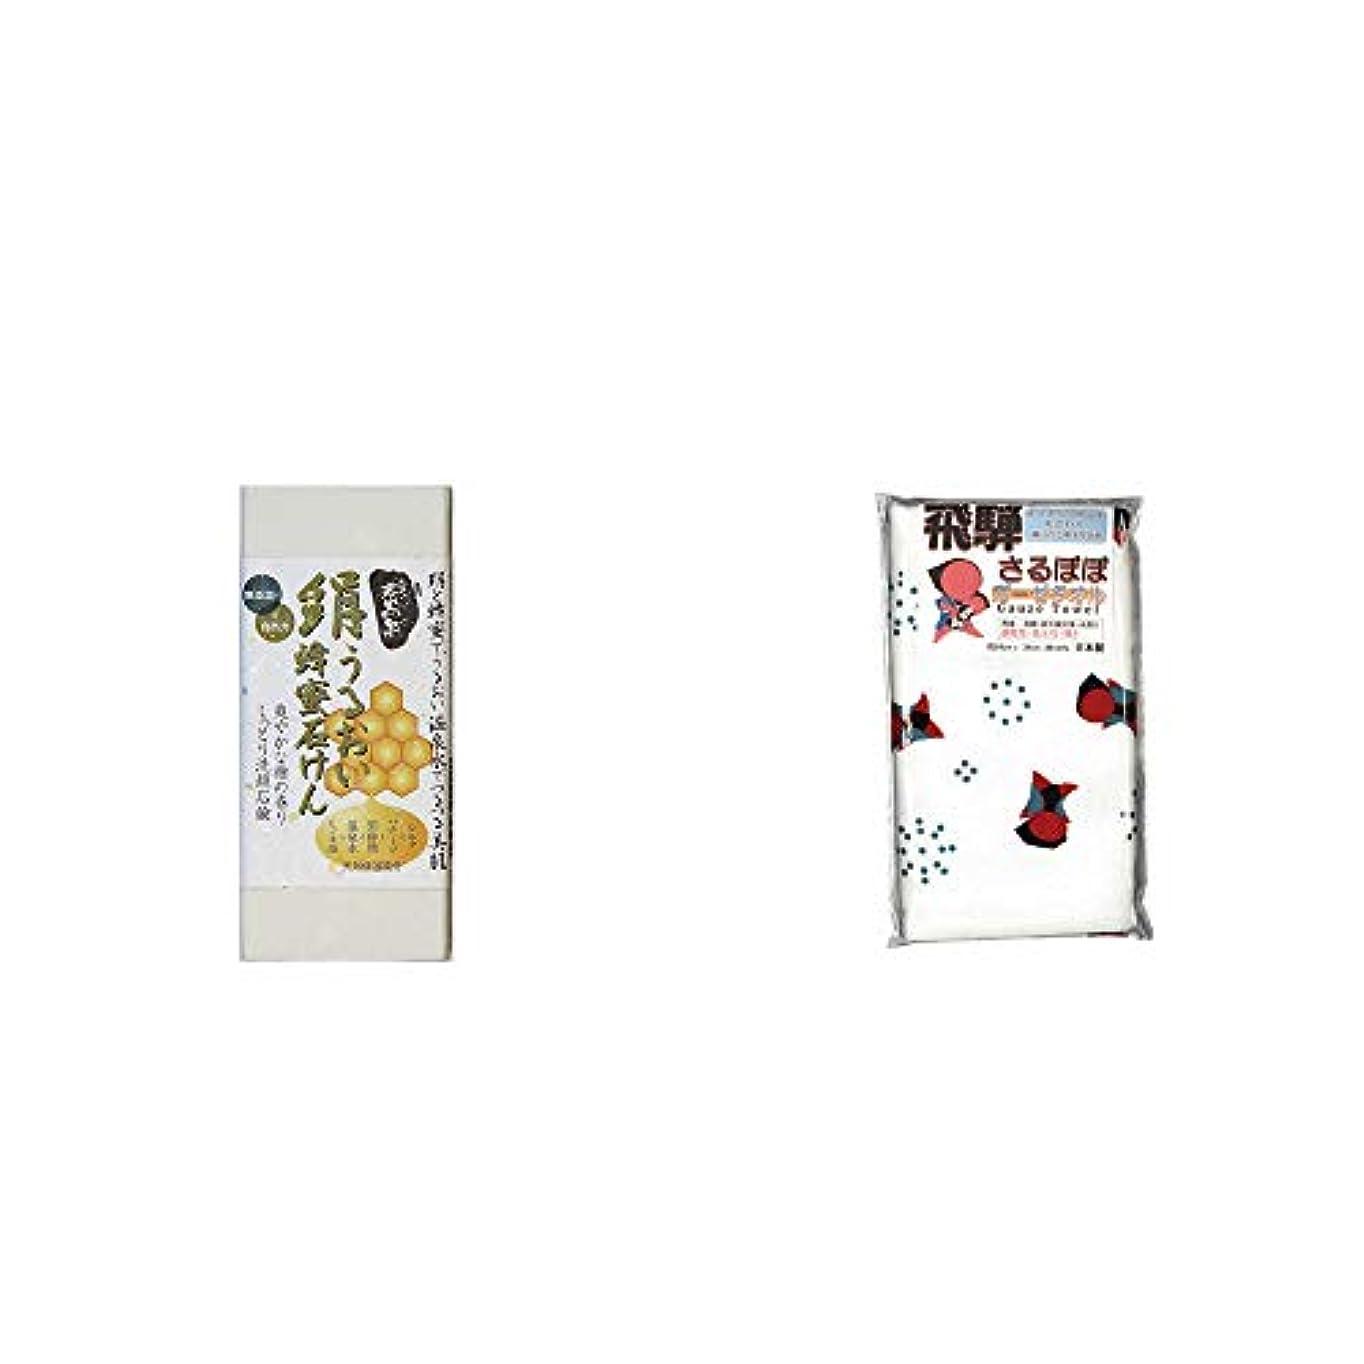 肝狼セージ[2点セット] ひのき炭黒泉 絹うるおい蜂蜜石けん(75g×2)?飛騨さるぼぼ ガーゼタオル